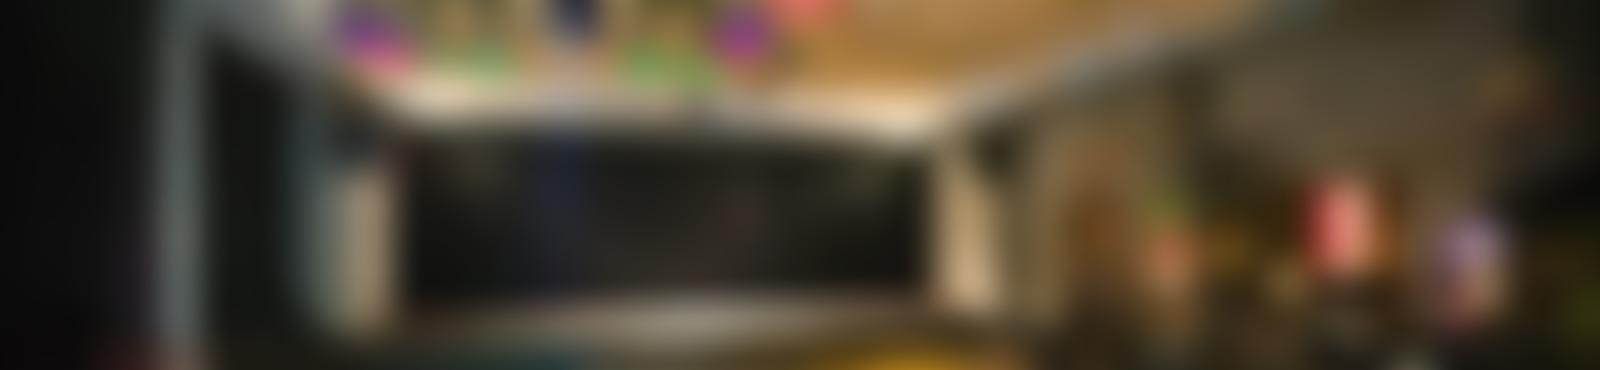 Blurred kantine am berghain